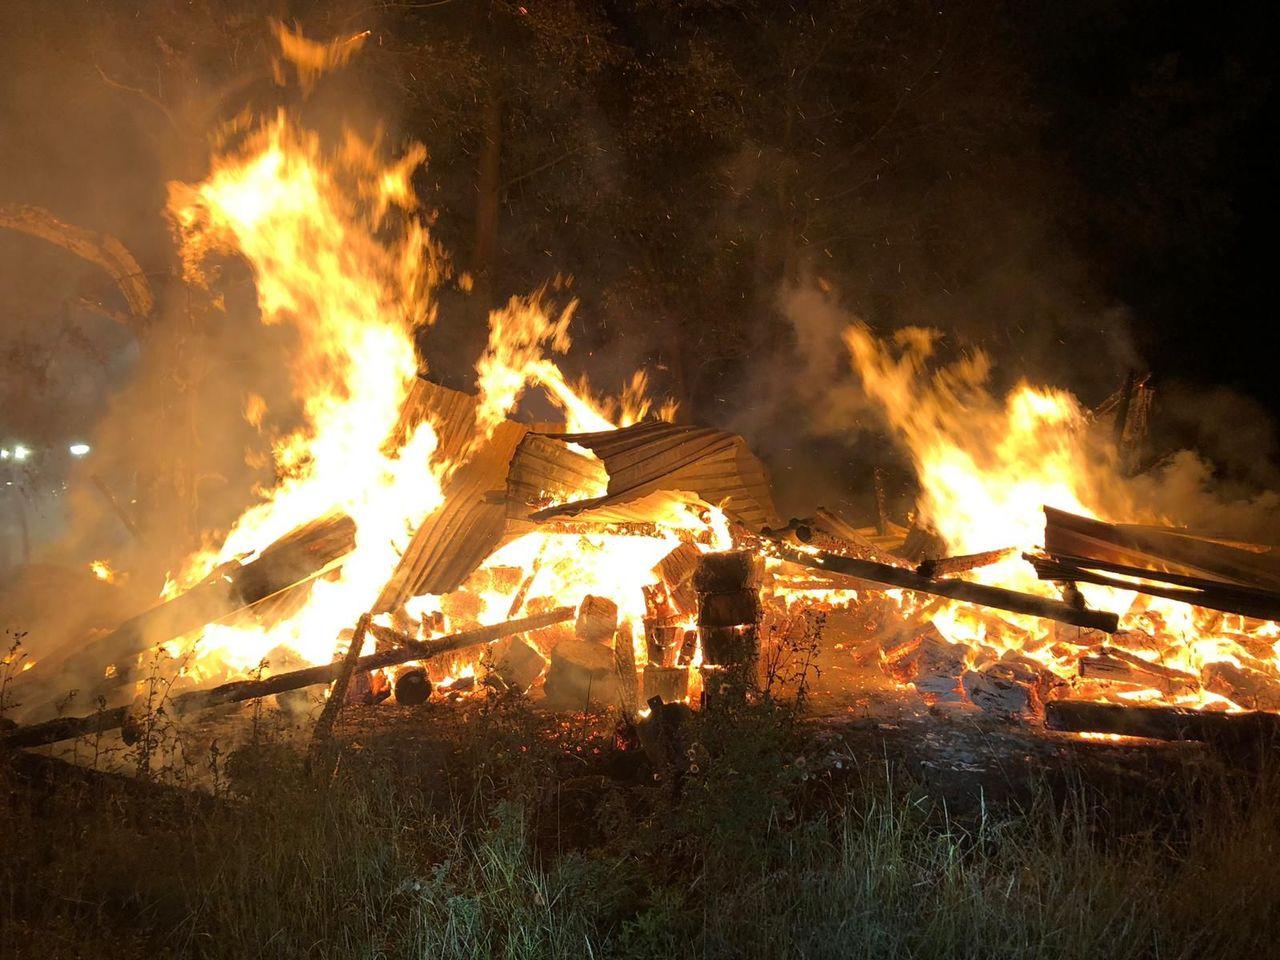 Beim Eintreffen der Feuerwehr steht die Scheune bereits in Vollbrand und stützte wenig später in sich zusammen.